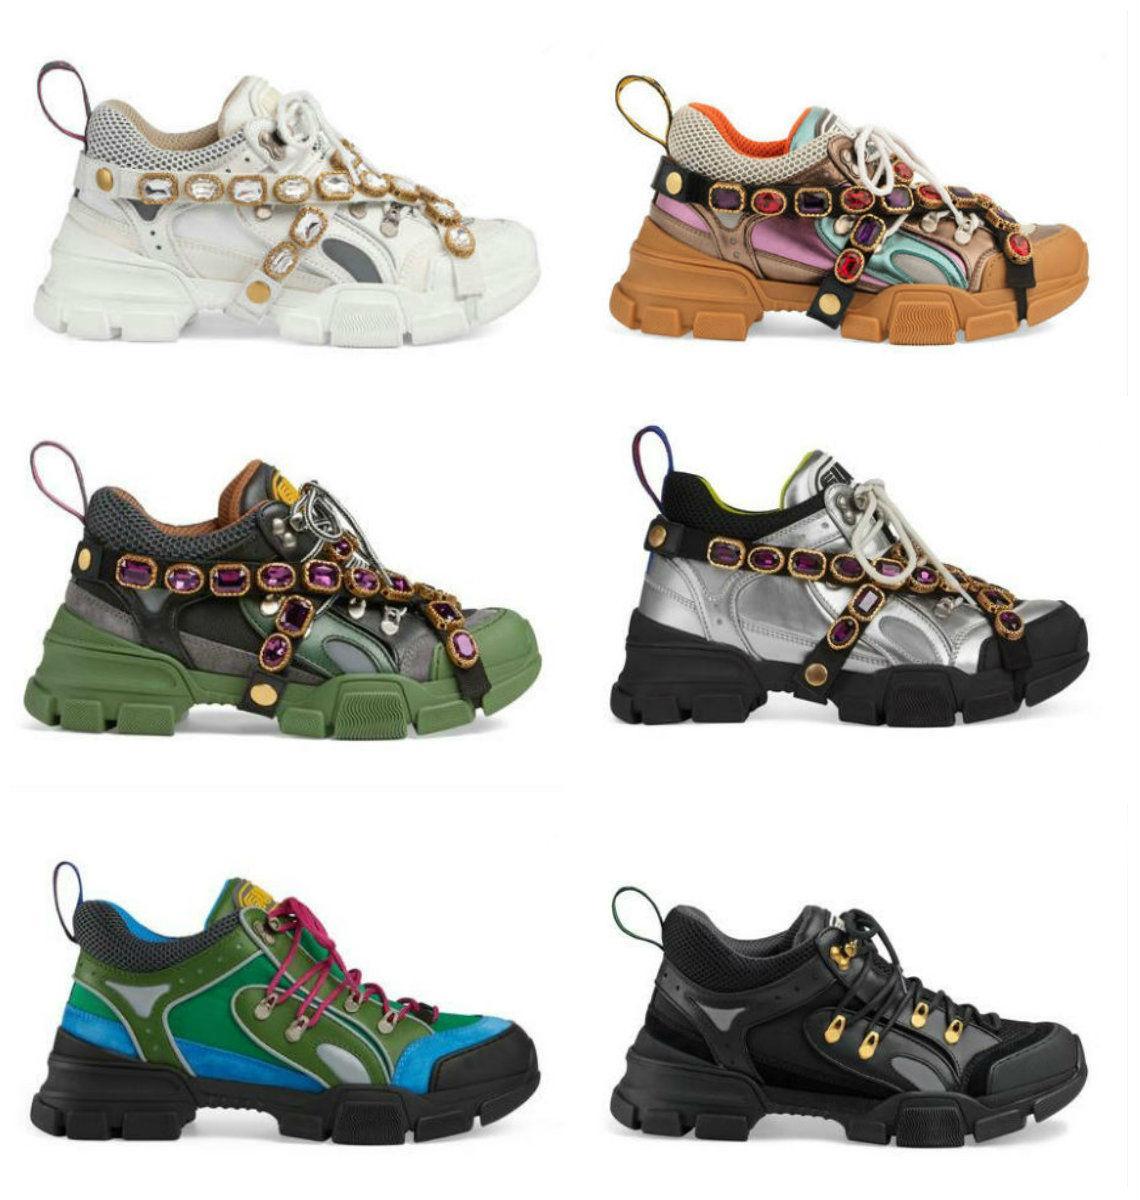 2020 FlashTrek кроссовок с съемными кристаллы Роскошная повседневная обувь моды Роскошные женские дизайнерские туфли Кроссовки Кроссовки